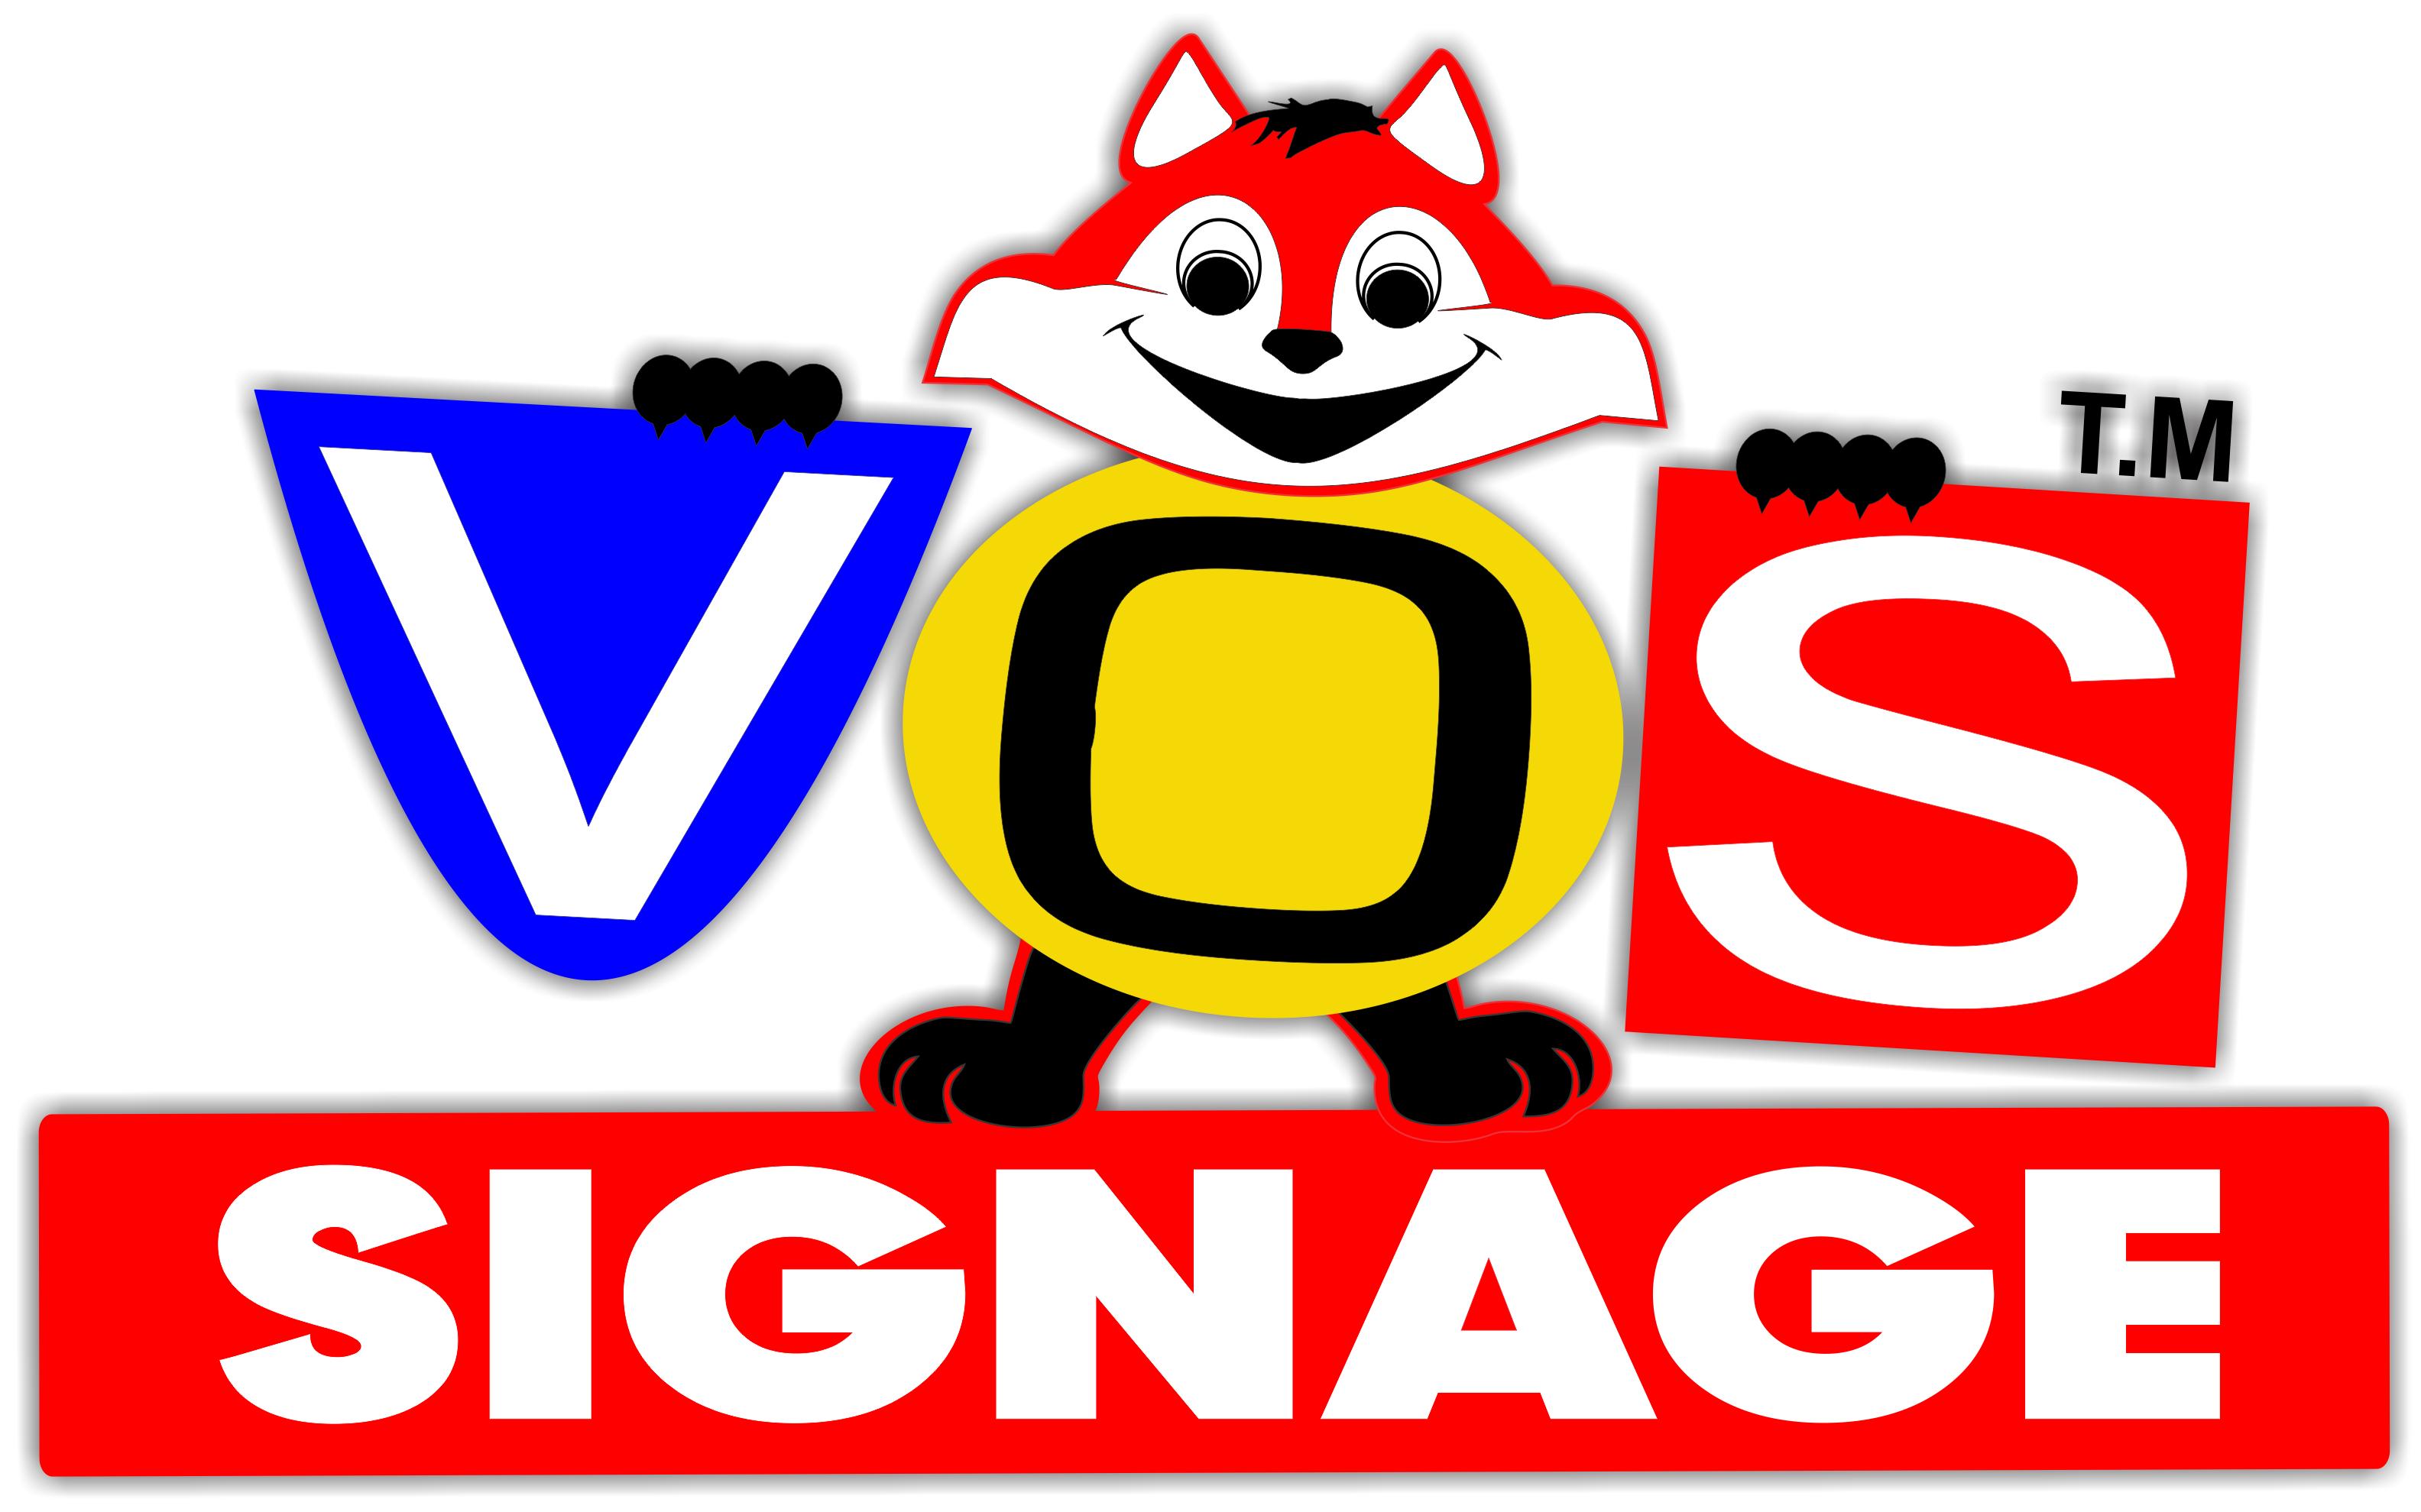 VOS Signage™